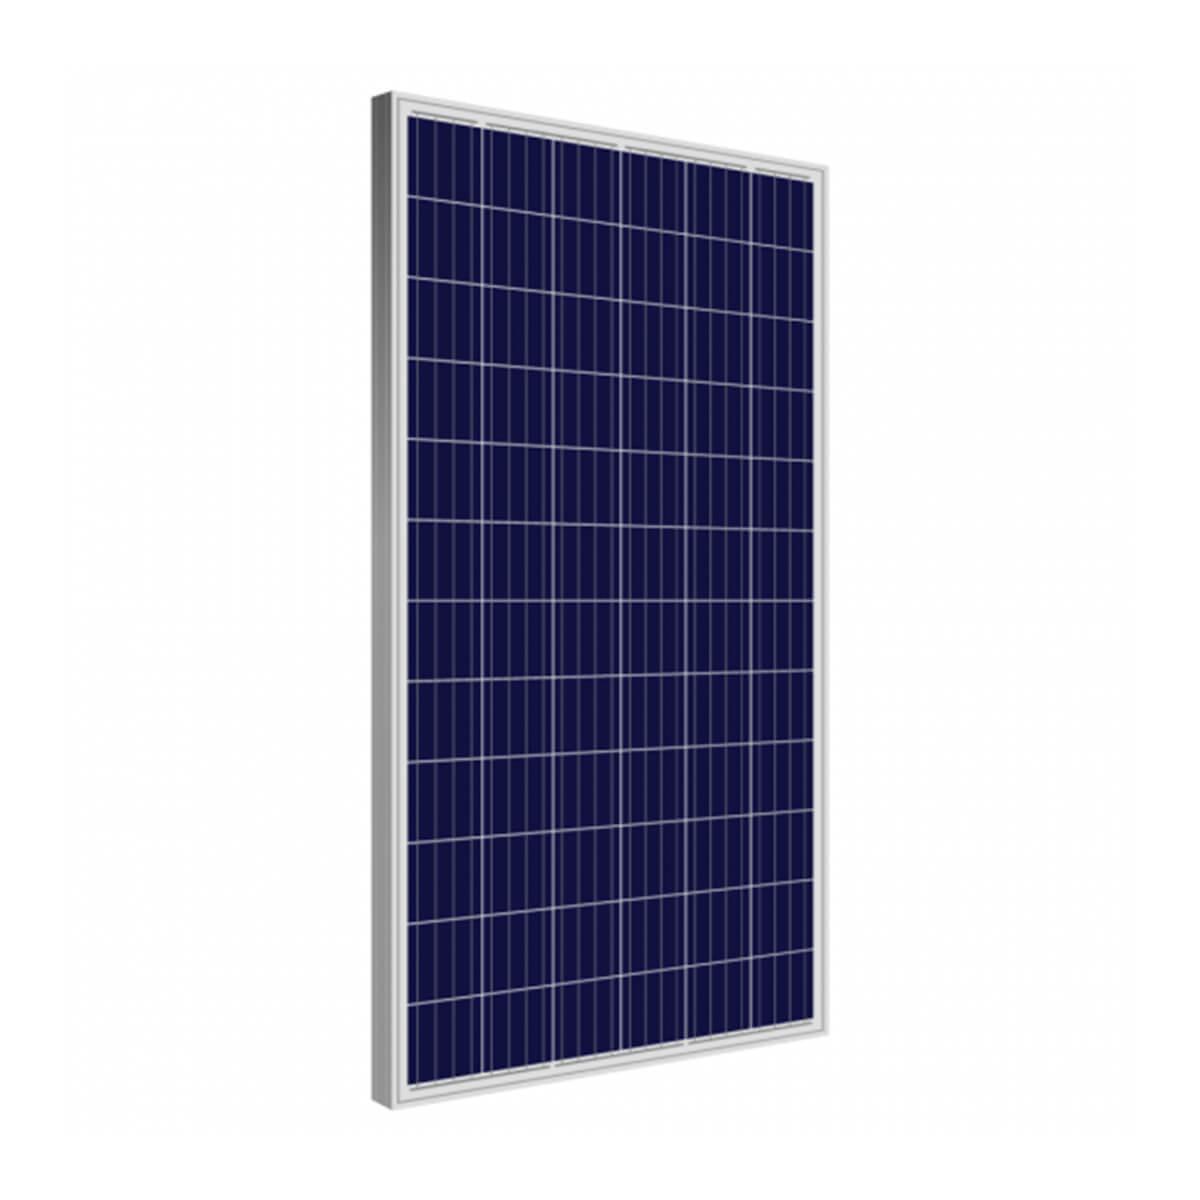 ankara solar 320W panel, ankara solar 320Watt panel, ankara solar 320 W panel, ankara solar 320 Watt panel, ankara solar 320 Watt polikristal panel, ankara solar 320 W watt gunes paneli, ankara solar 320 W watt polikristal gunes paneli, ankara solar 320 W Watt fotovoltaik polikristal solar panel, ankara solar 320W polikristal gunes enerjisi, ankara solar AS-P72-320W panel, ANKARA SOLAR 320 WATT